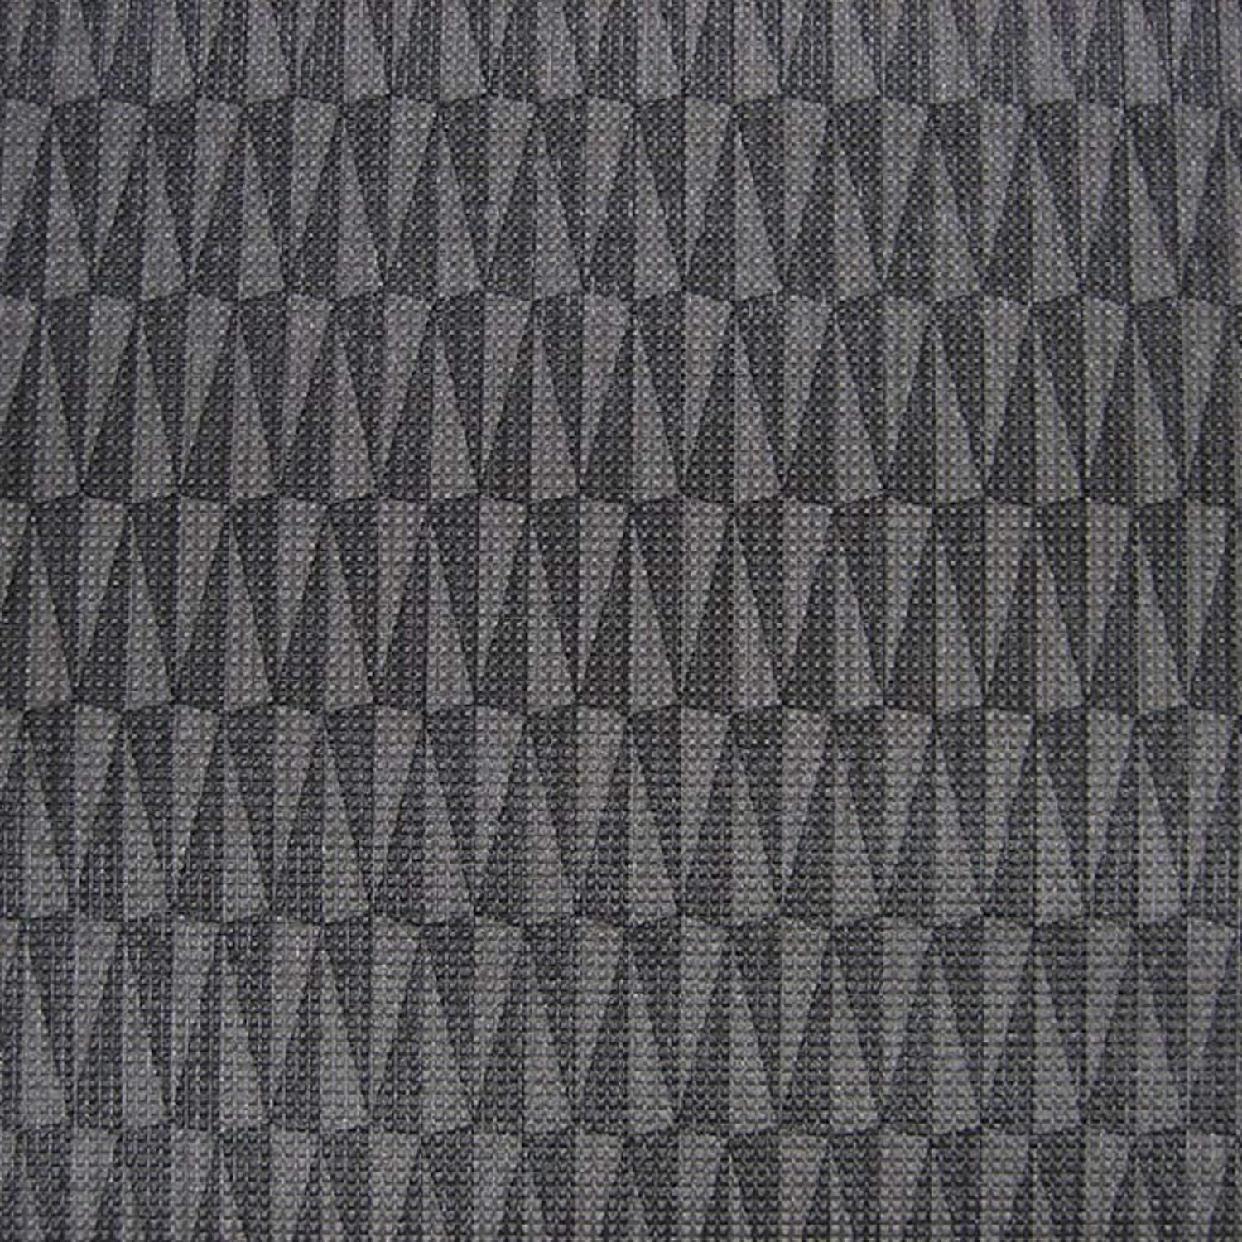 waise(ワイズ) 備長炭配合 システムキッチンの汚れを防ぐシート 45cmの商品画像2